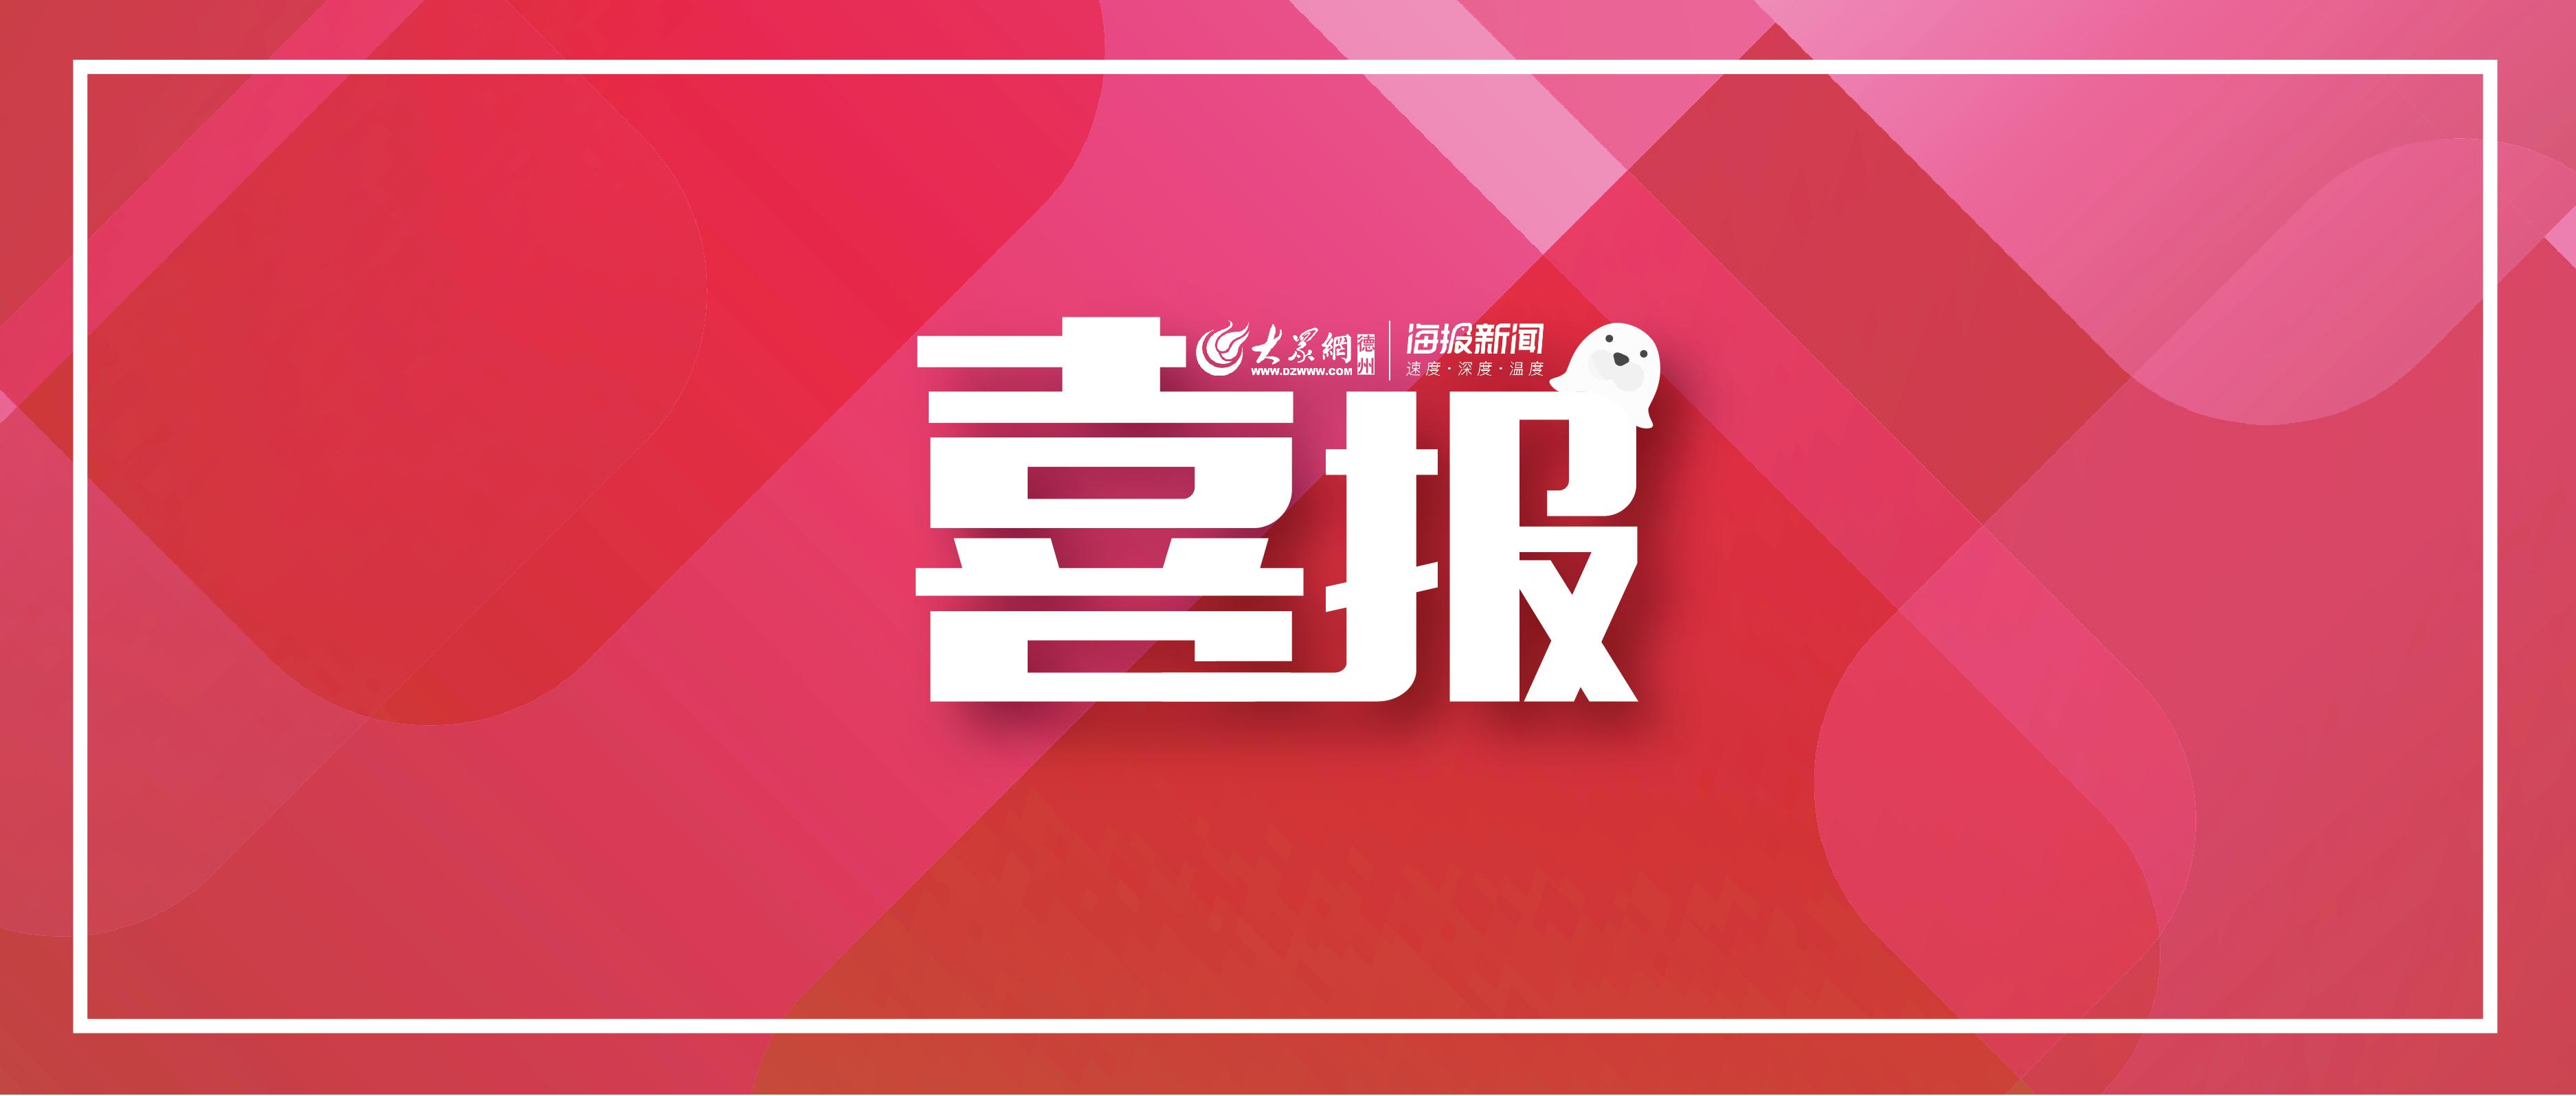 """全国脱贫攻坚奖名单出炉 德州宋磊荣获""""贡献奖"""""""